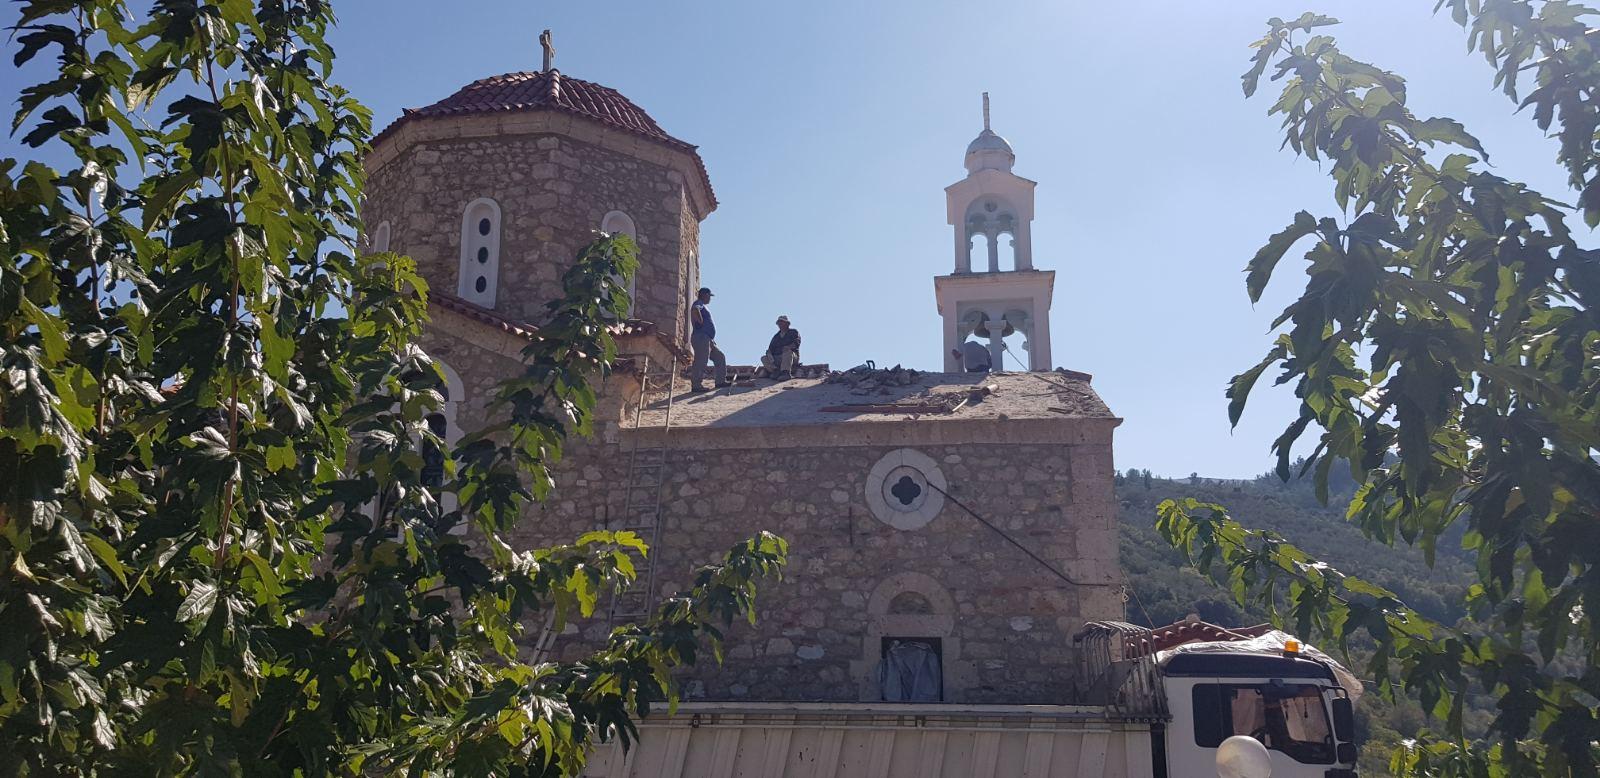 Εργασίες αντικατάστασης της στέγης του Ιερού Ναού της Αγίας Σοφίας.